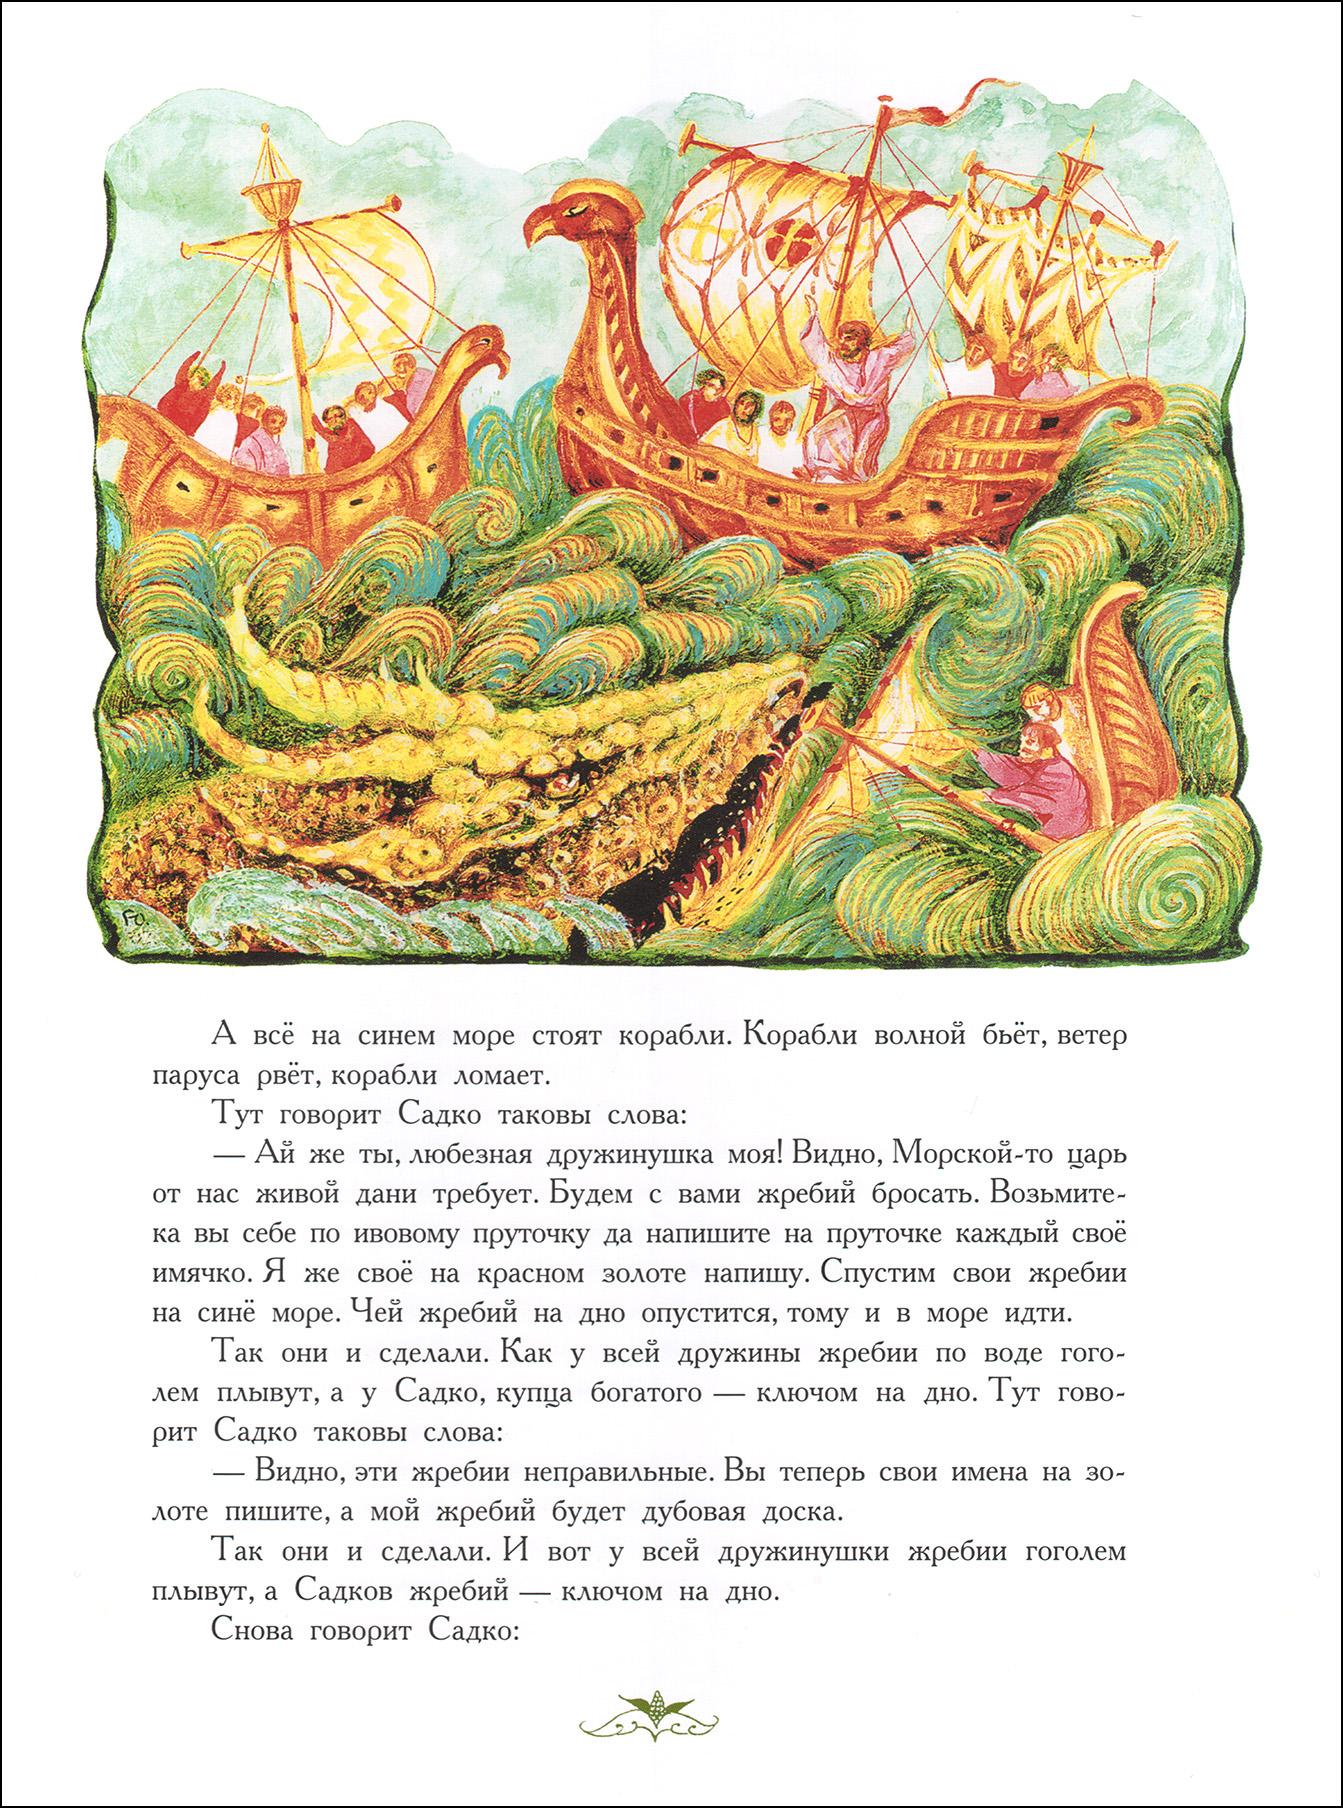 Георгий Юдин, Повести земли Русской